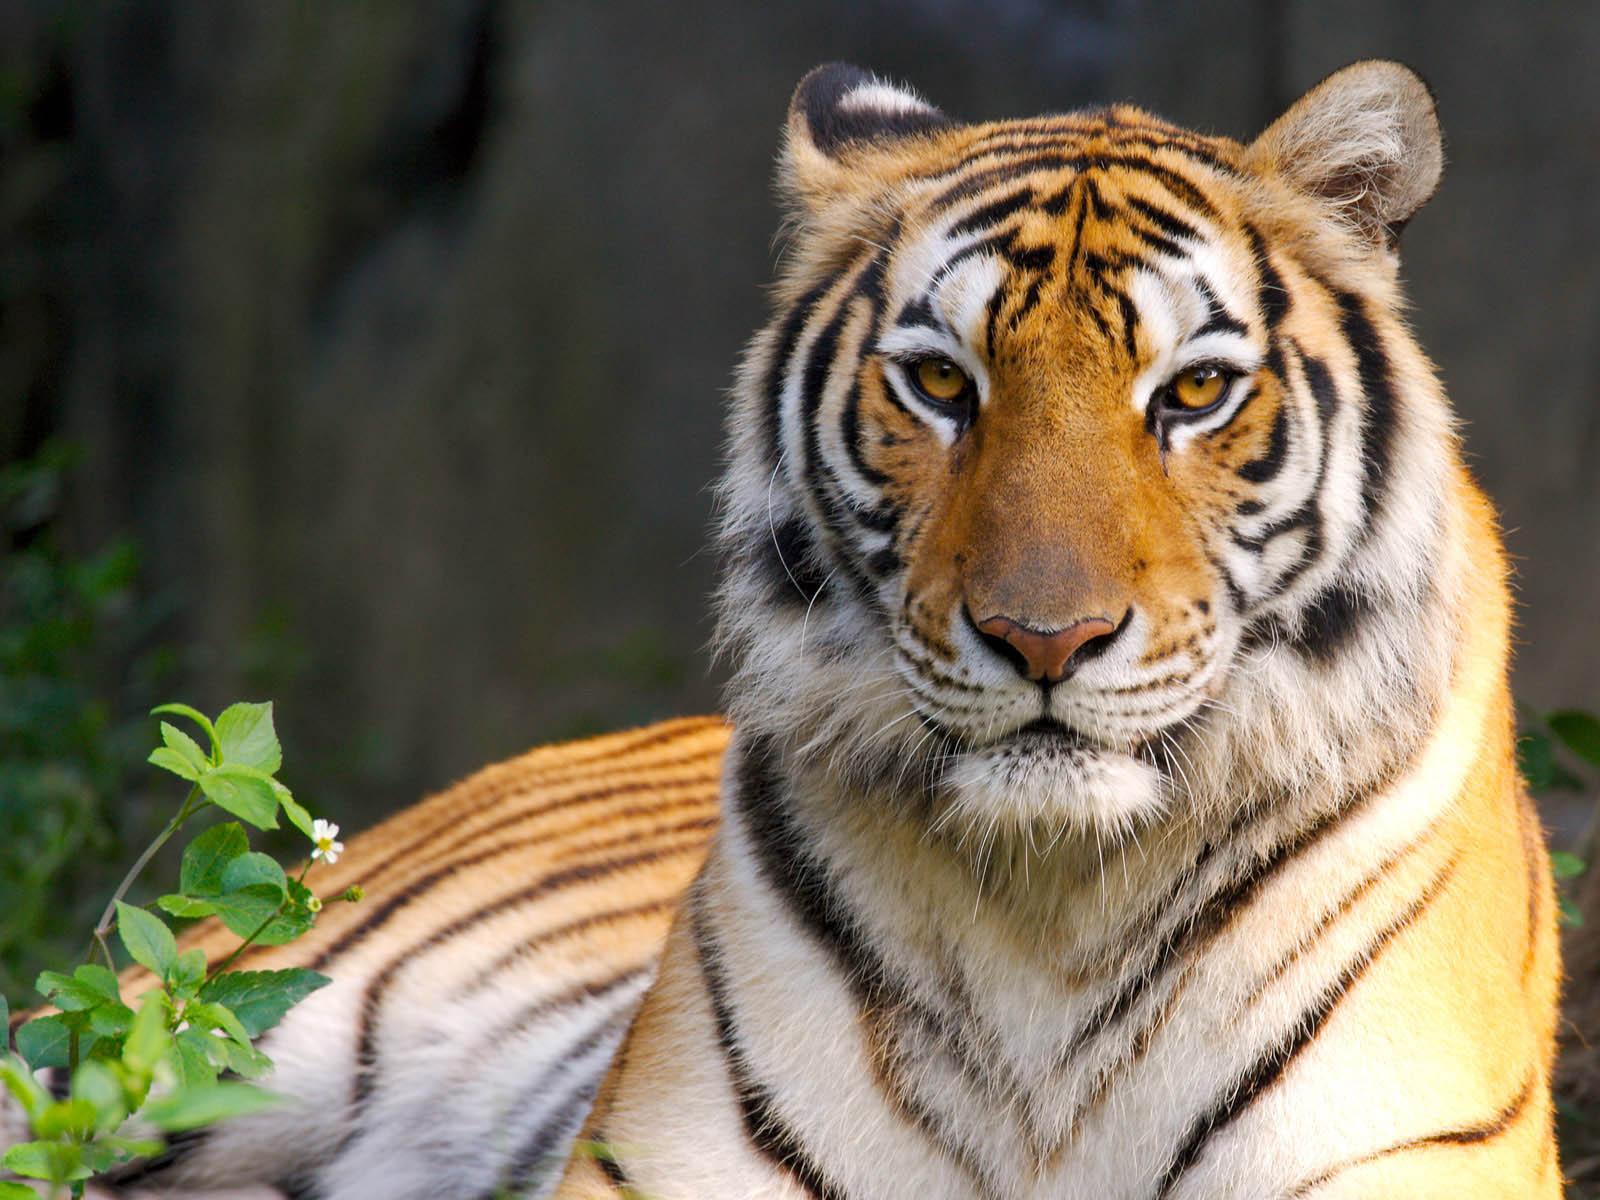 tiger photos - 2013 wallpapers